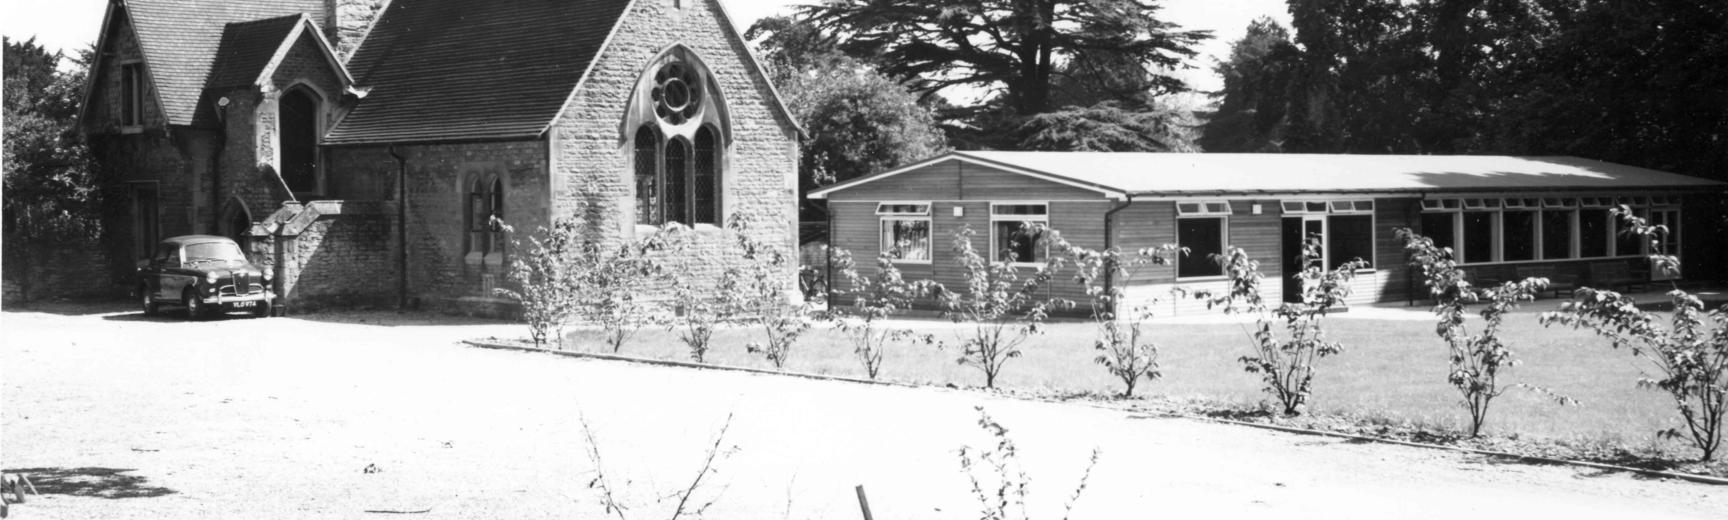 St Cross Road Hut